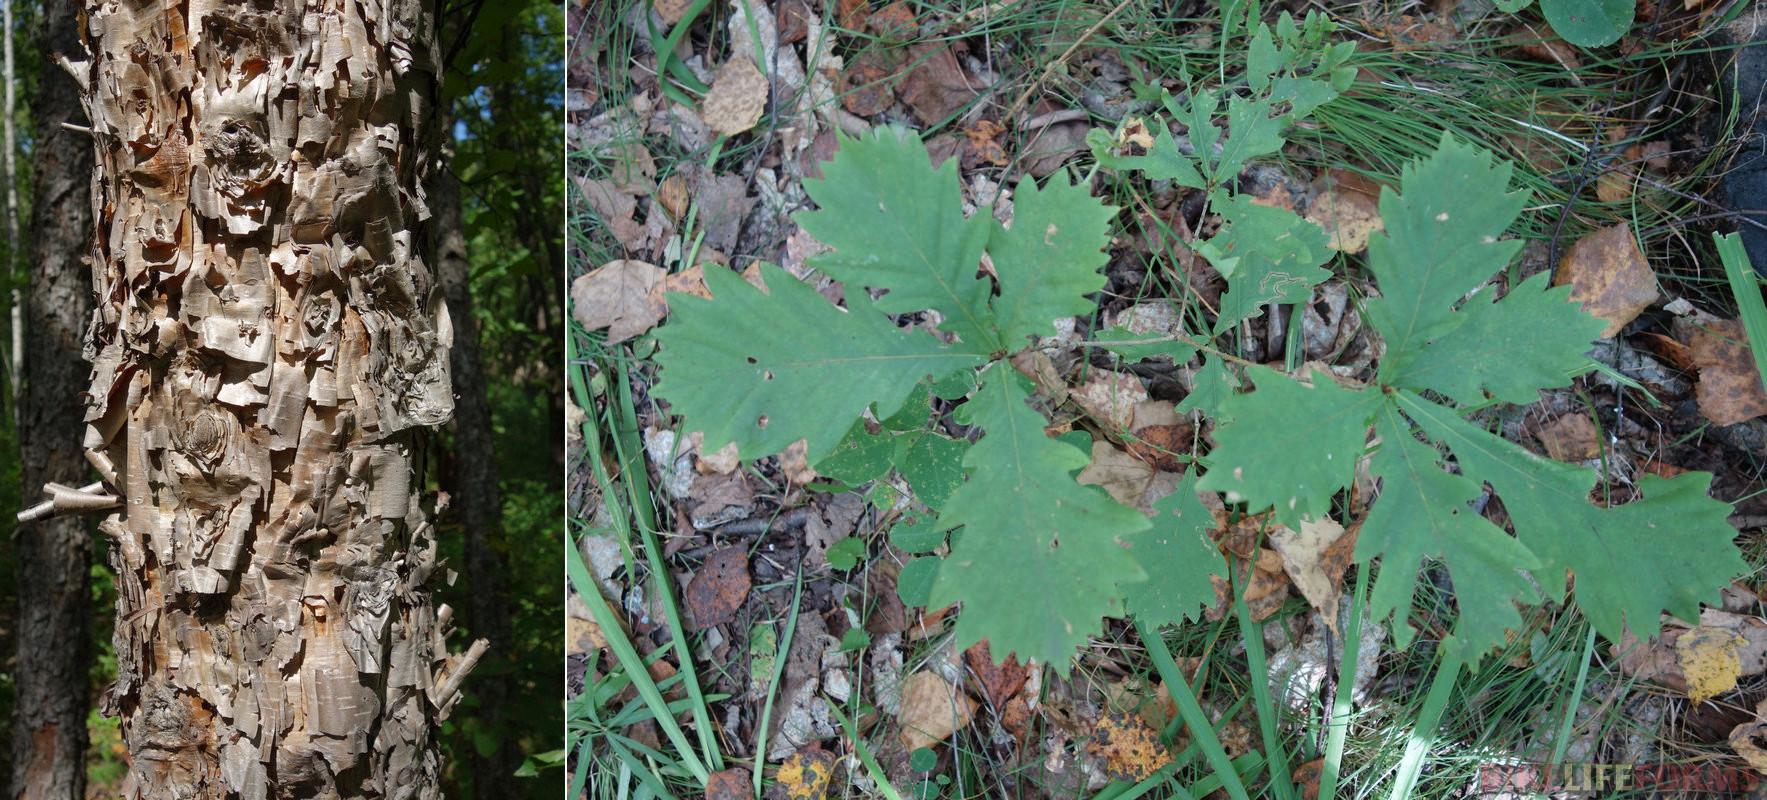 береза даурская (Betula dahurica) и дуб монгольский (Quercus mongolica), в Монголии не растет